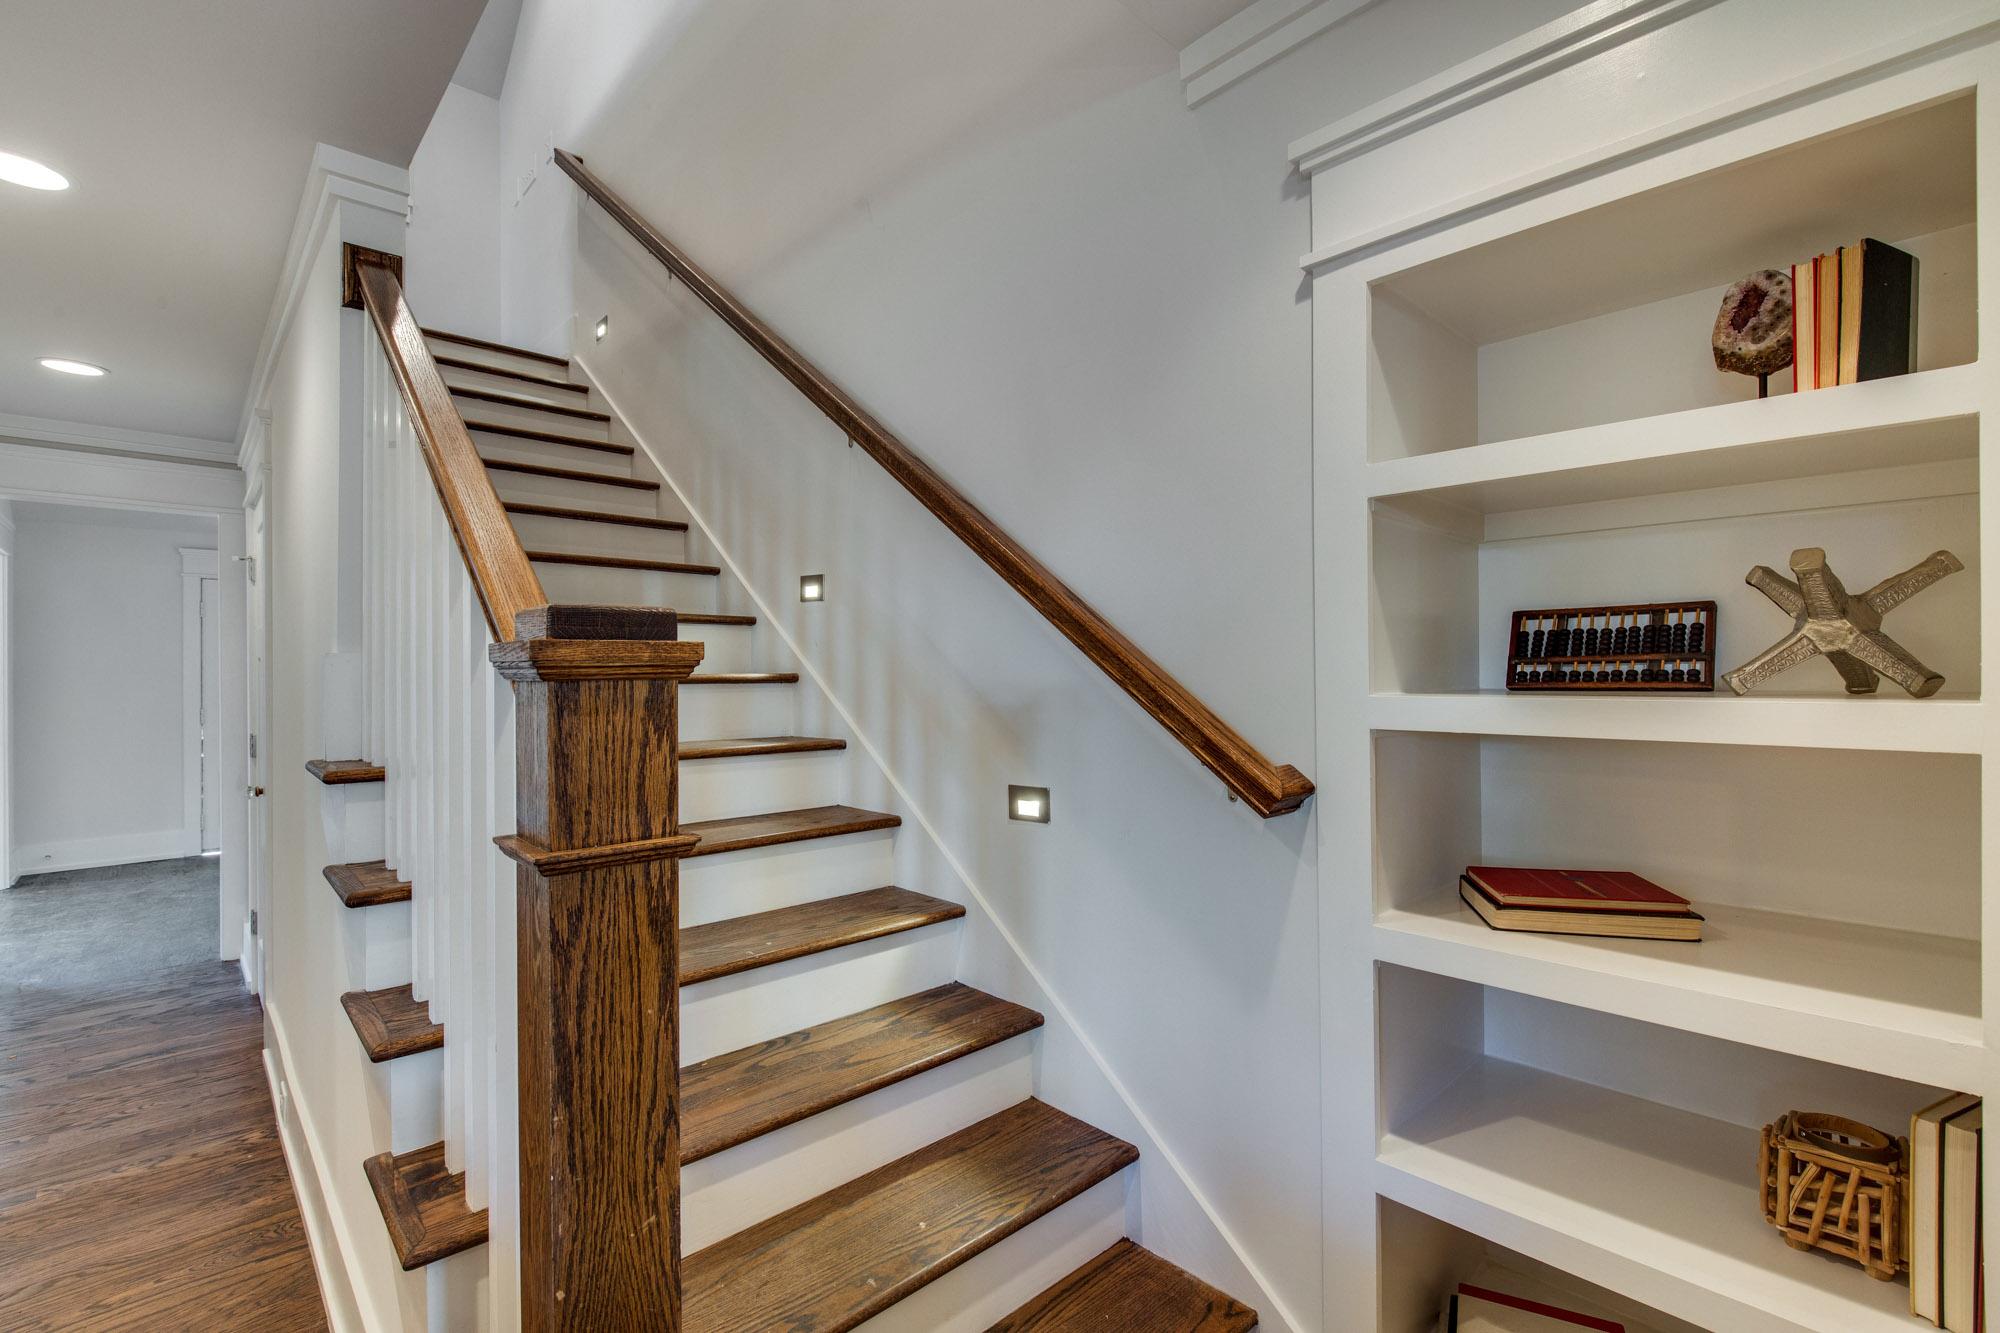 nashville-home-remodel-renovation-custom-home-tennessee-britt-development-group-1035.jpg